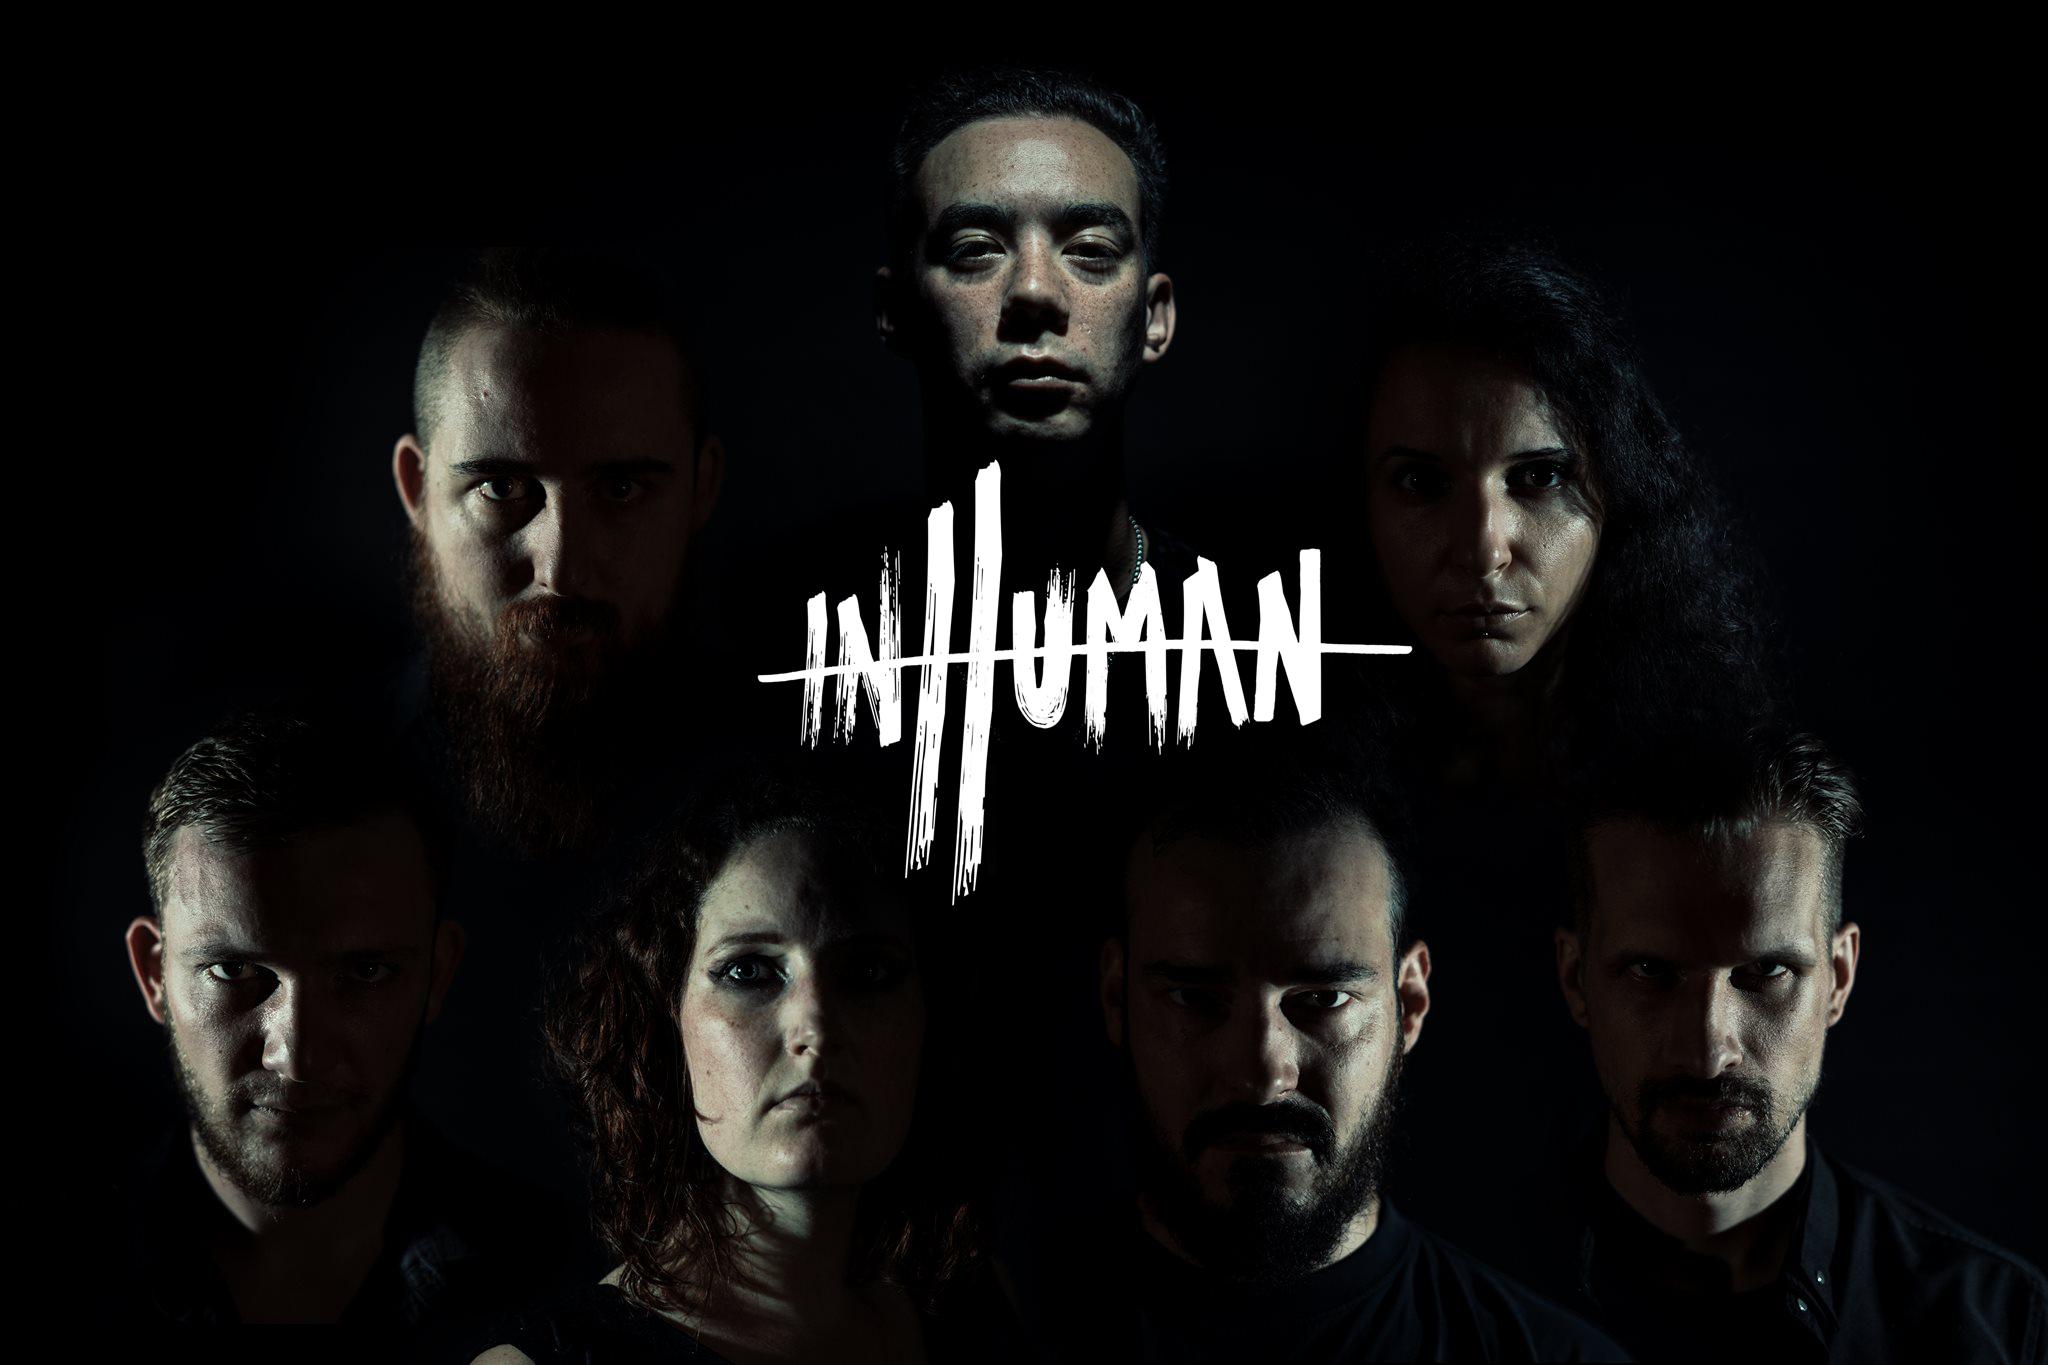 INHUMAN - Interviews (1def)